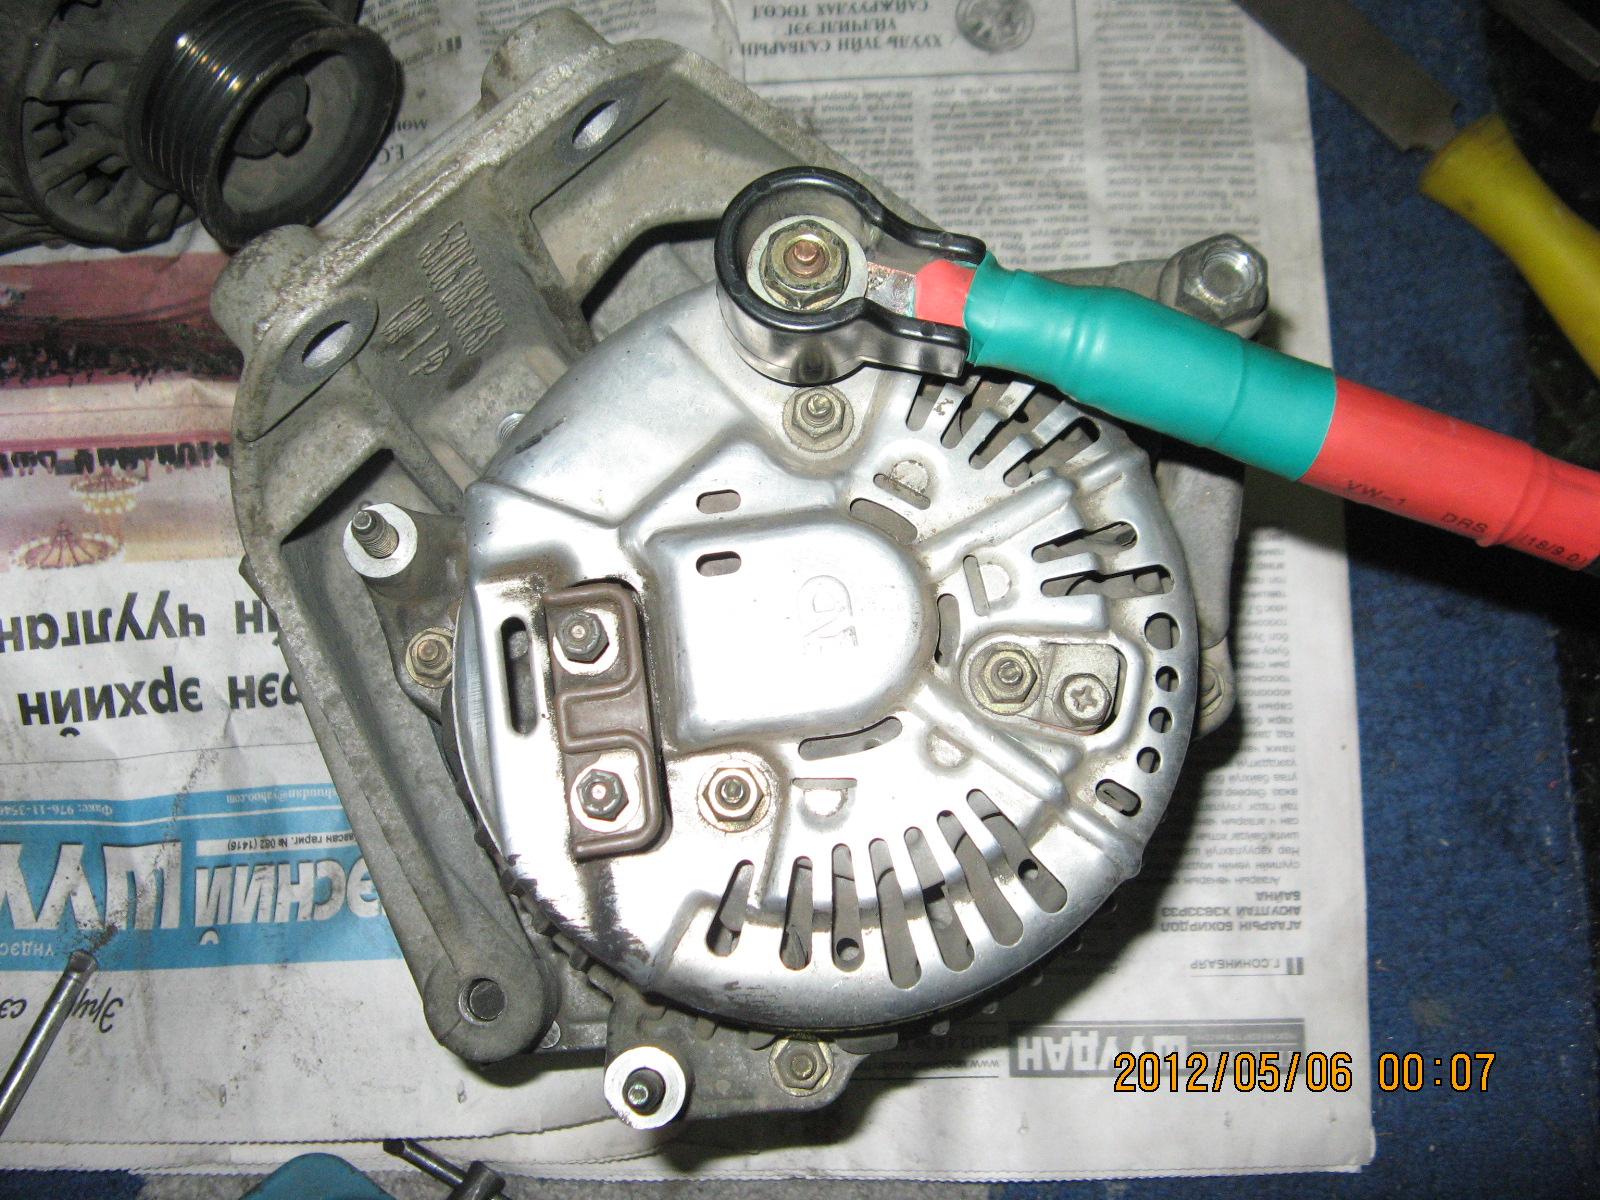 91 jeep cherokee alternator wiring diagram 3 speed fan my 3991 xj upgrade 136a